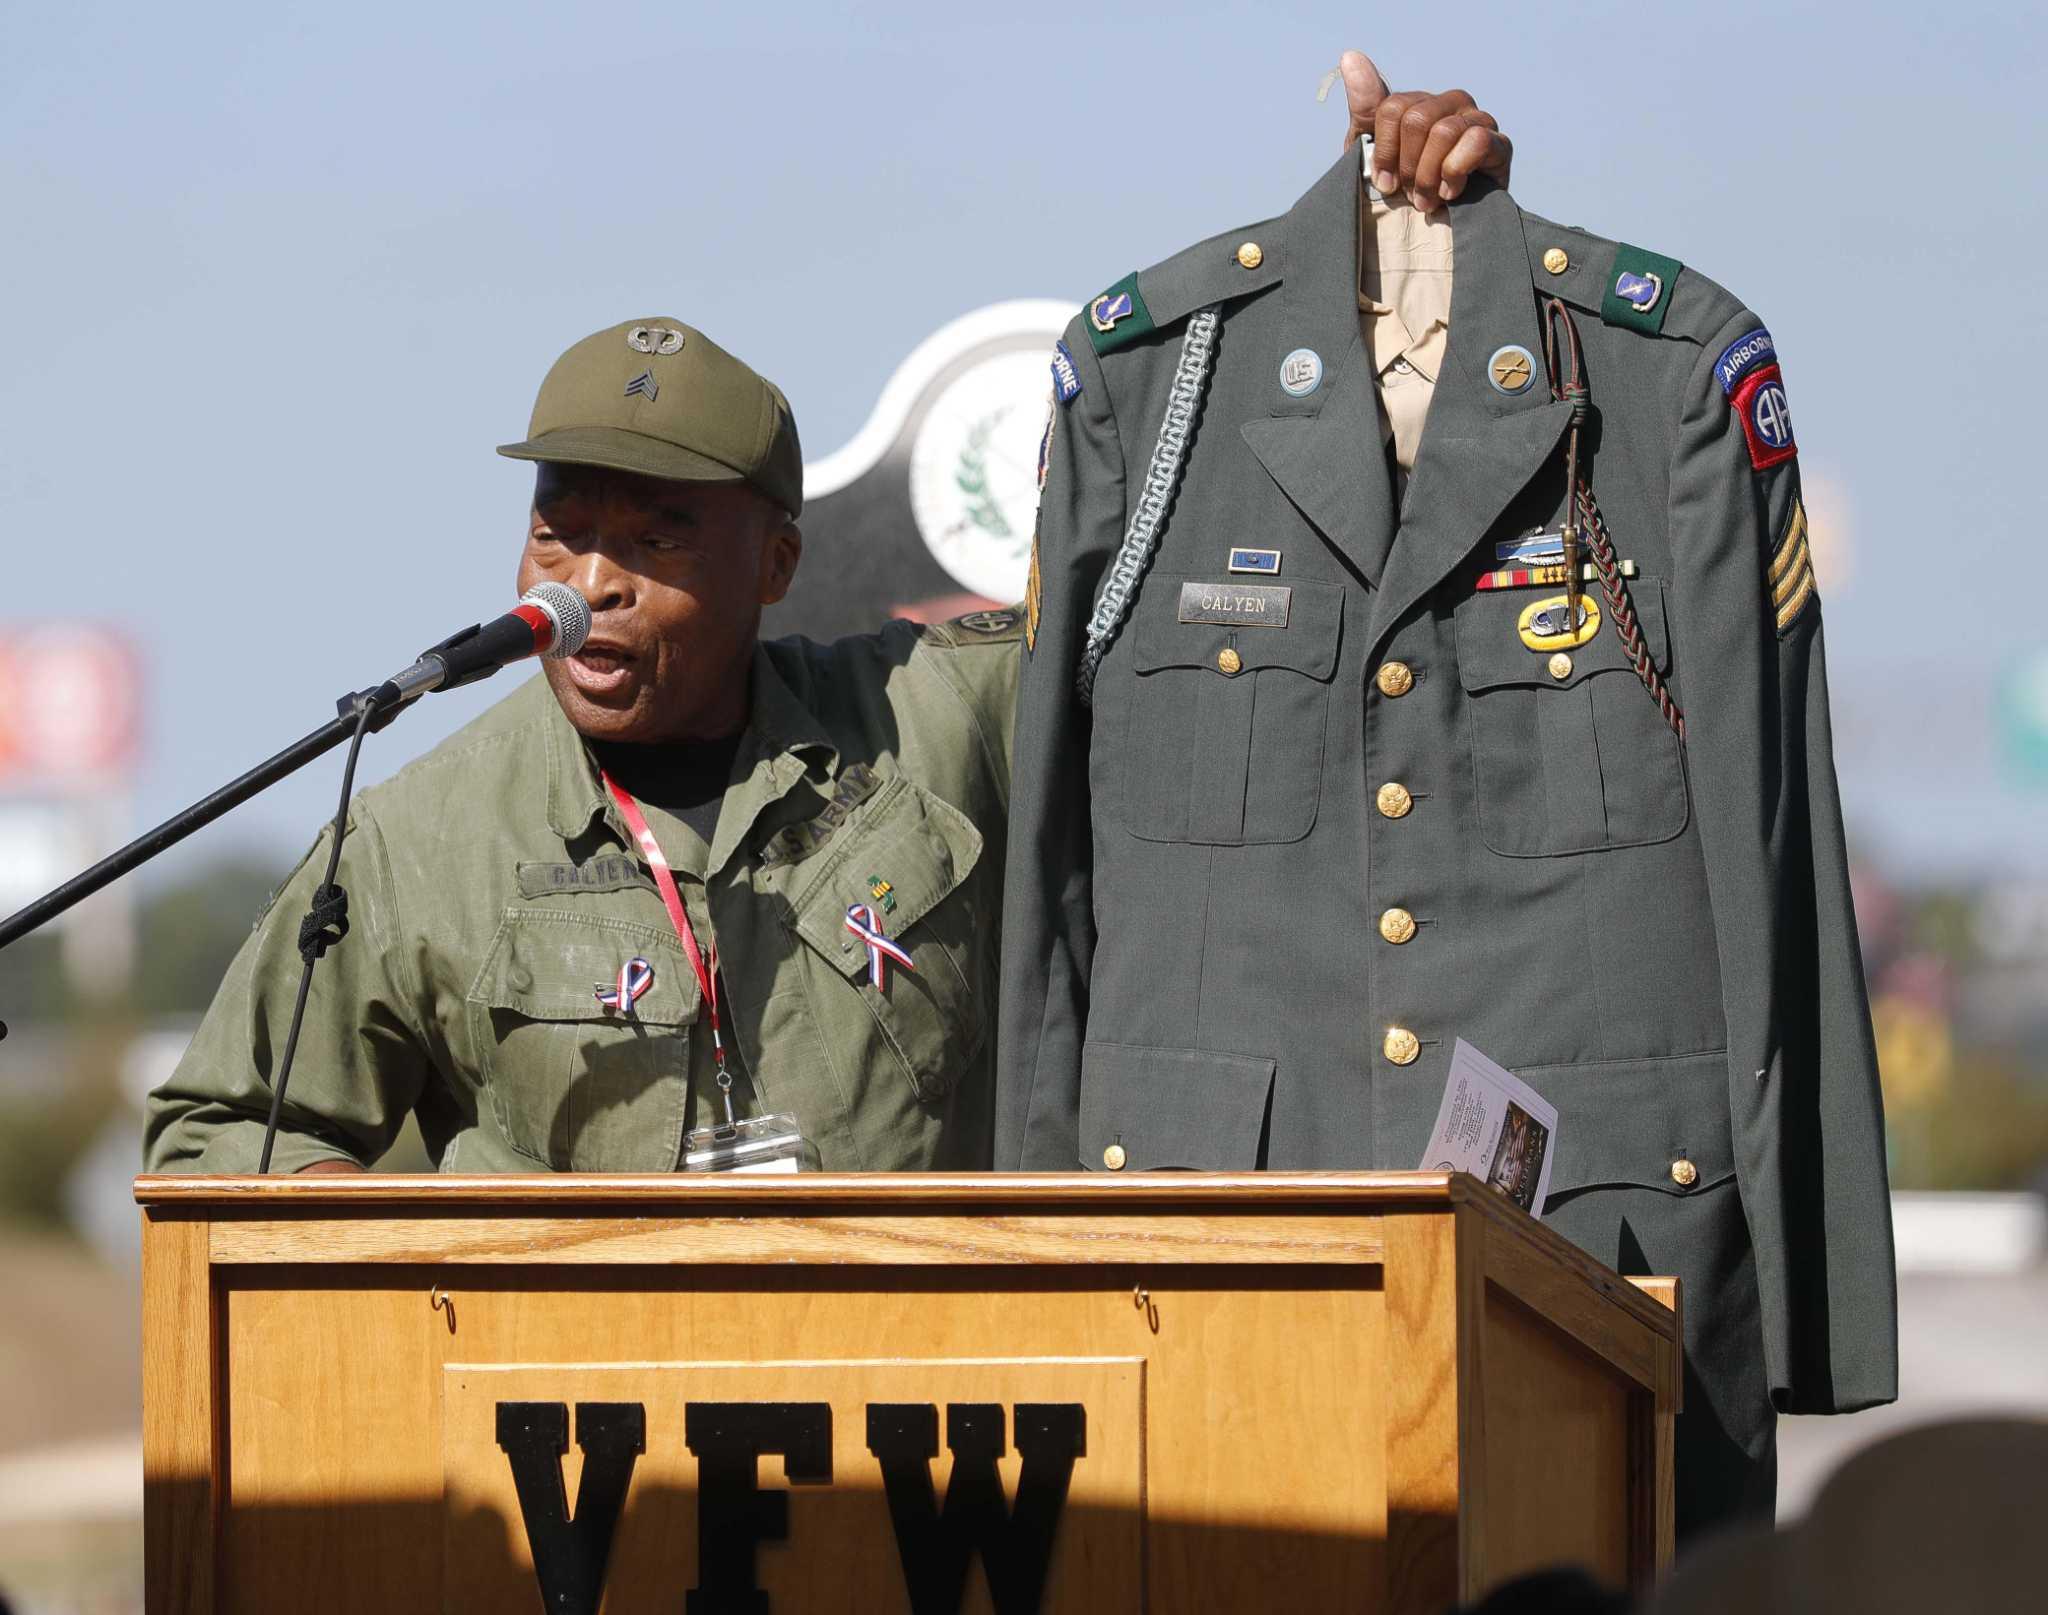 Vietnamveterans Montana Vietnam